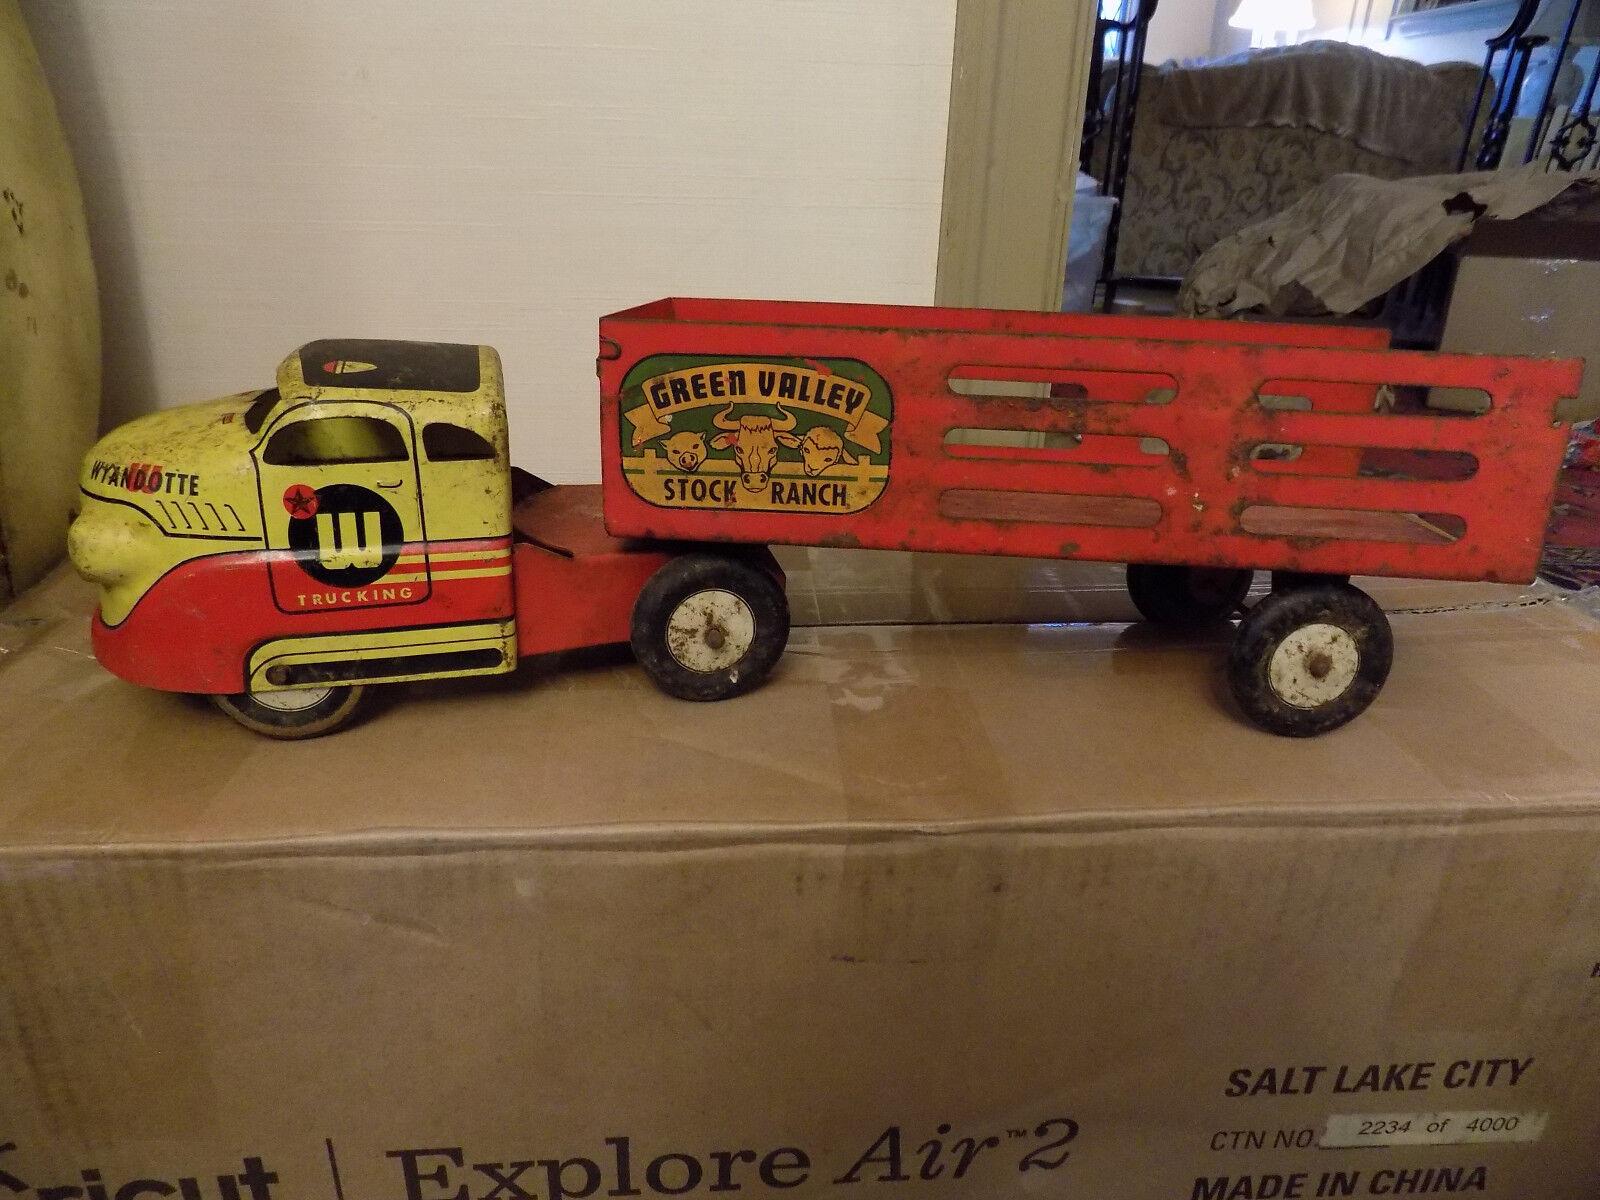 Década de 1950 Wyandotte Acero Prensado verde Valle Granja camión rojo y amarillo grande 17  de largo